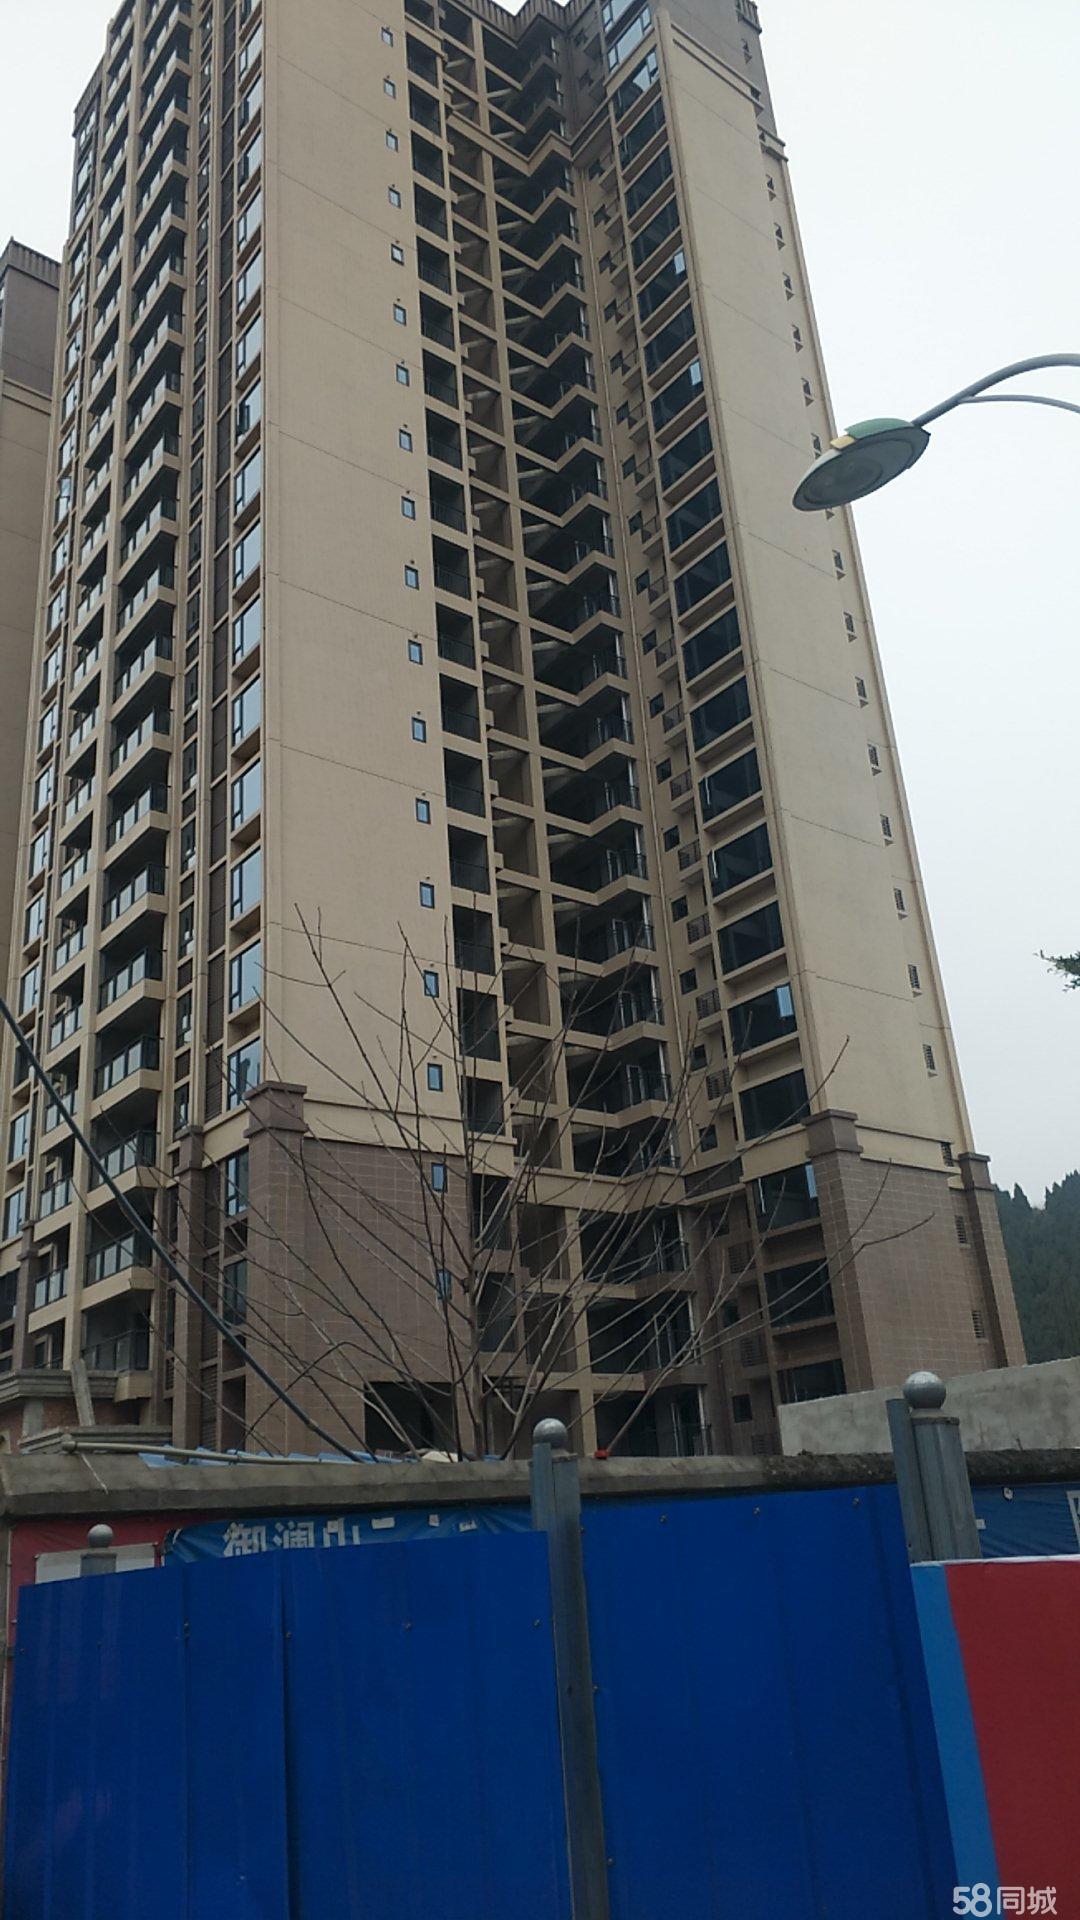 御澜山,市政府旁边,对面是万达广场,旁边是卓筒小学